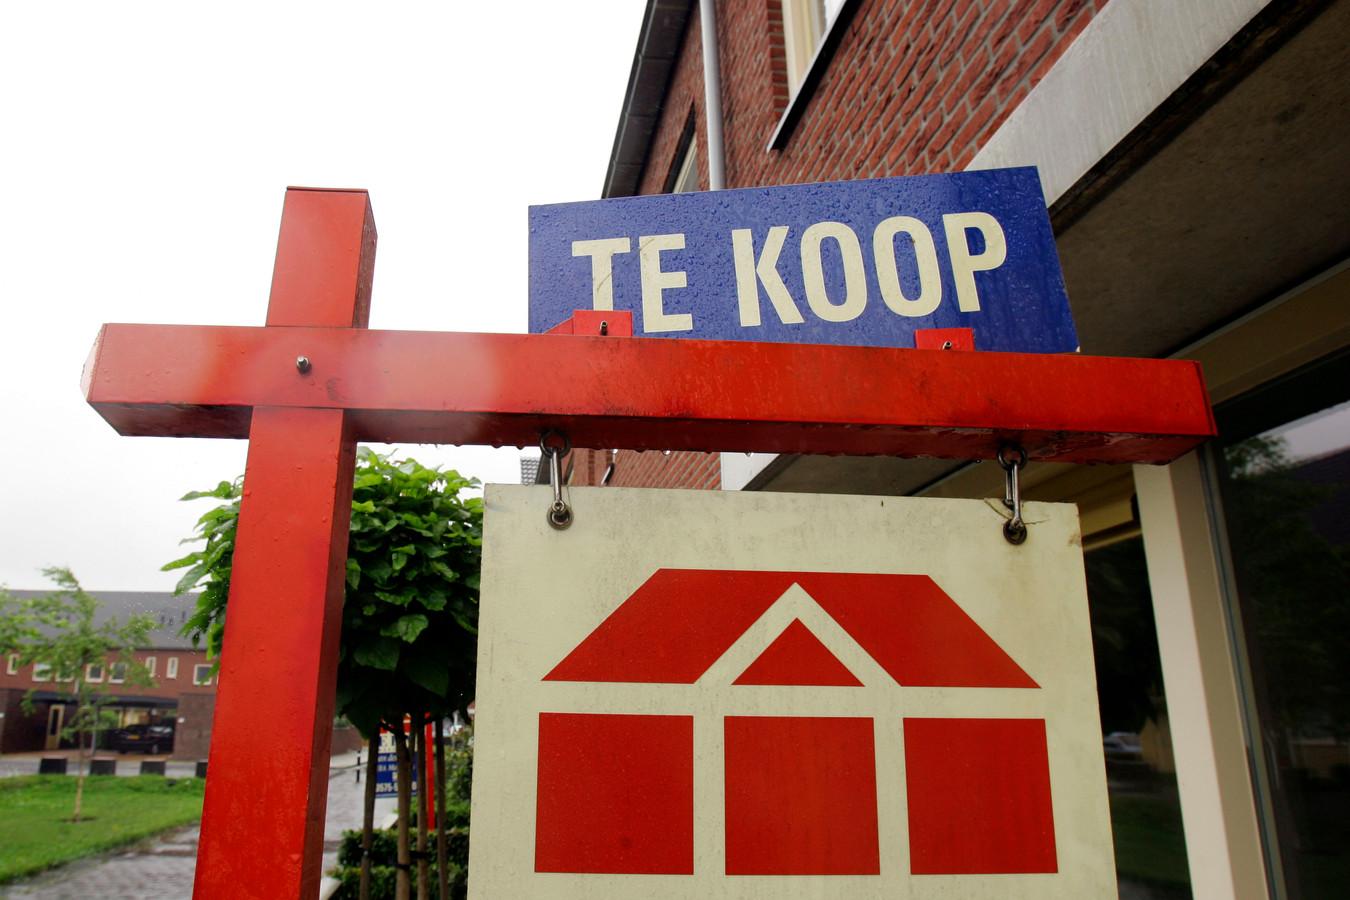 Voor het eerst kost een koophuis in de regio Amersfoort gemiddeld meer dan 400.000 euro.